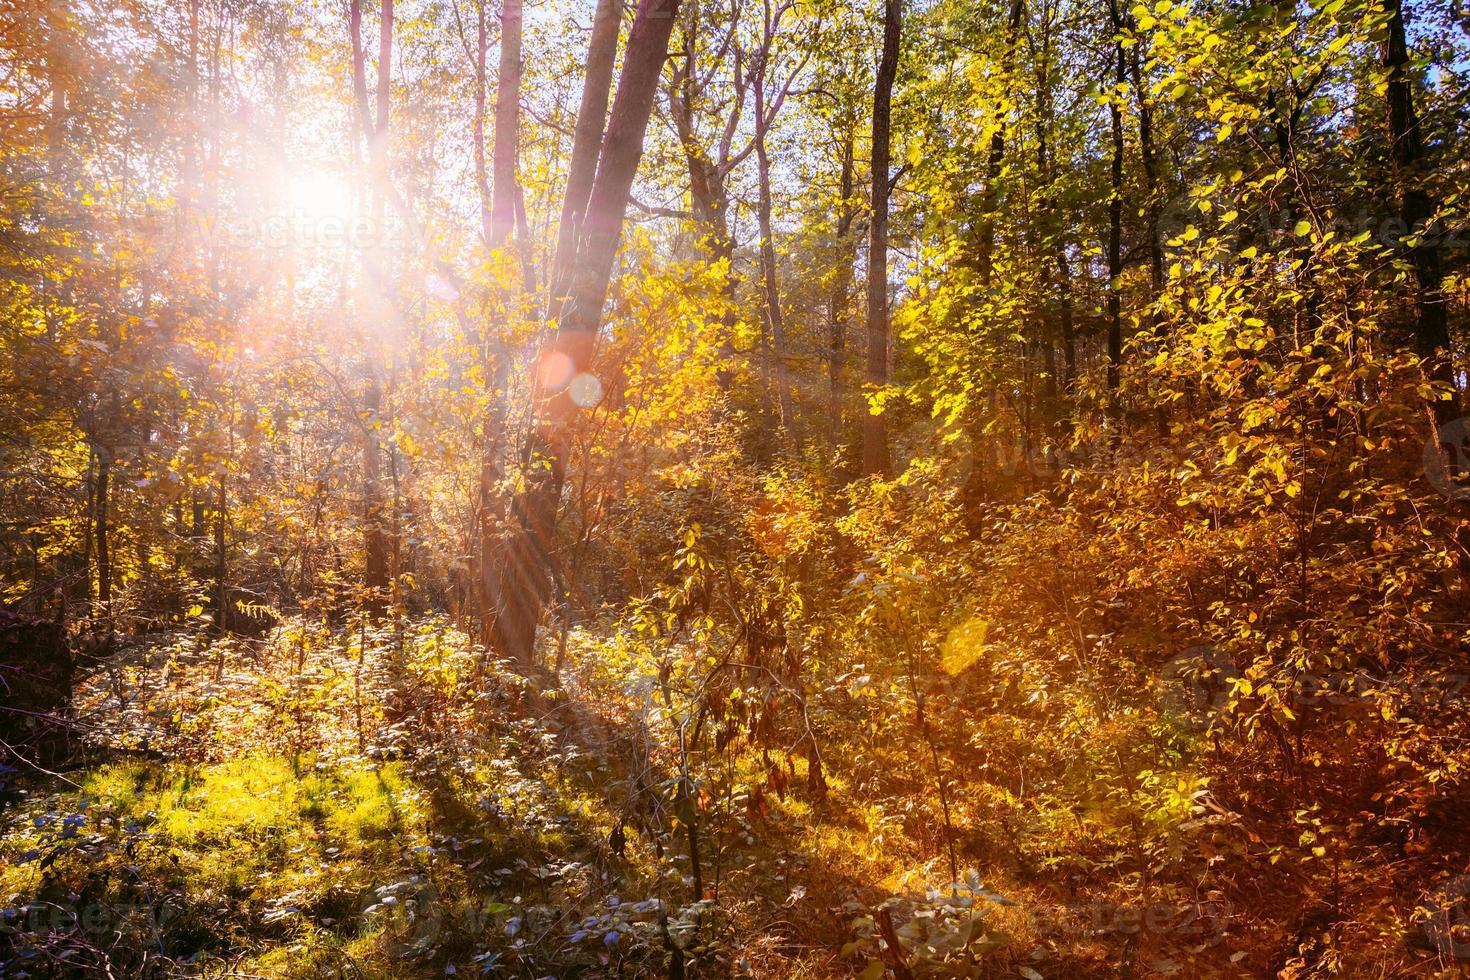 sonniger Tag im Herbst sonnige Waldbäume. Naturwälder, Sonnenlicht foto